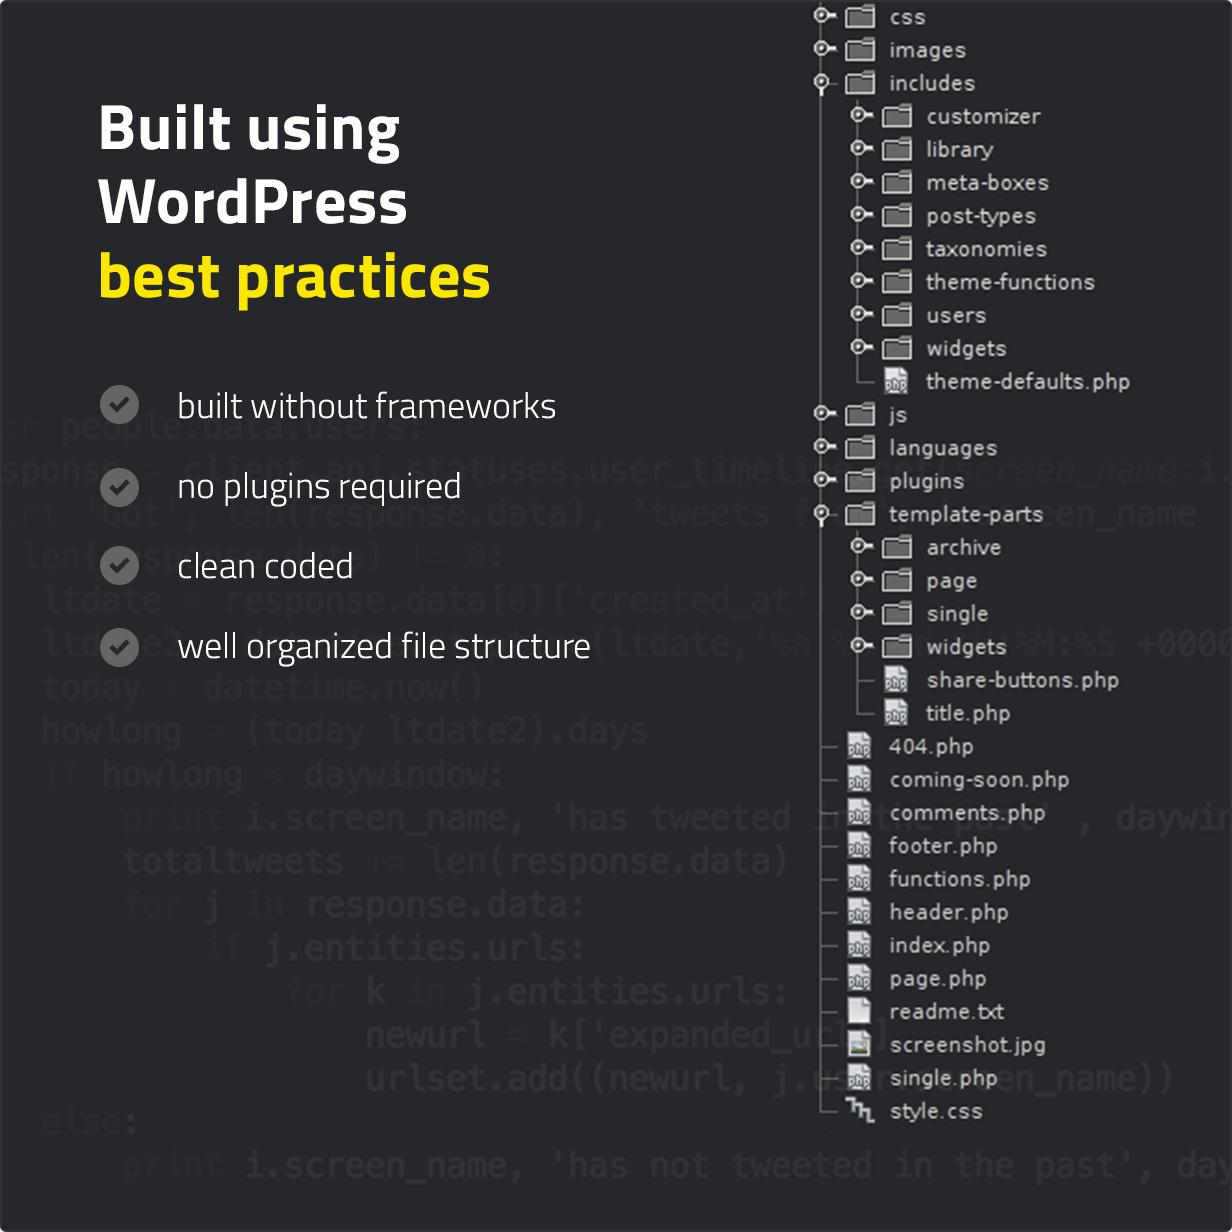 Erstellt mit WordPress Best Practices